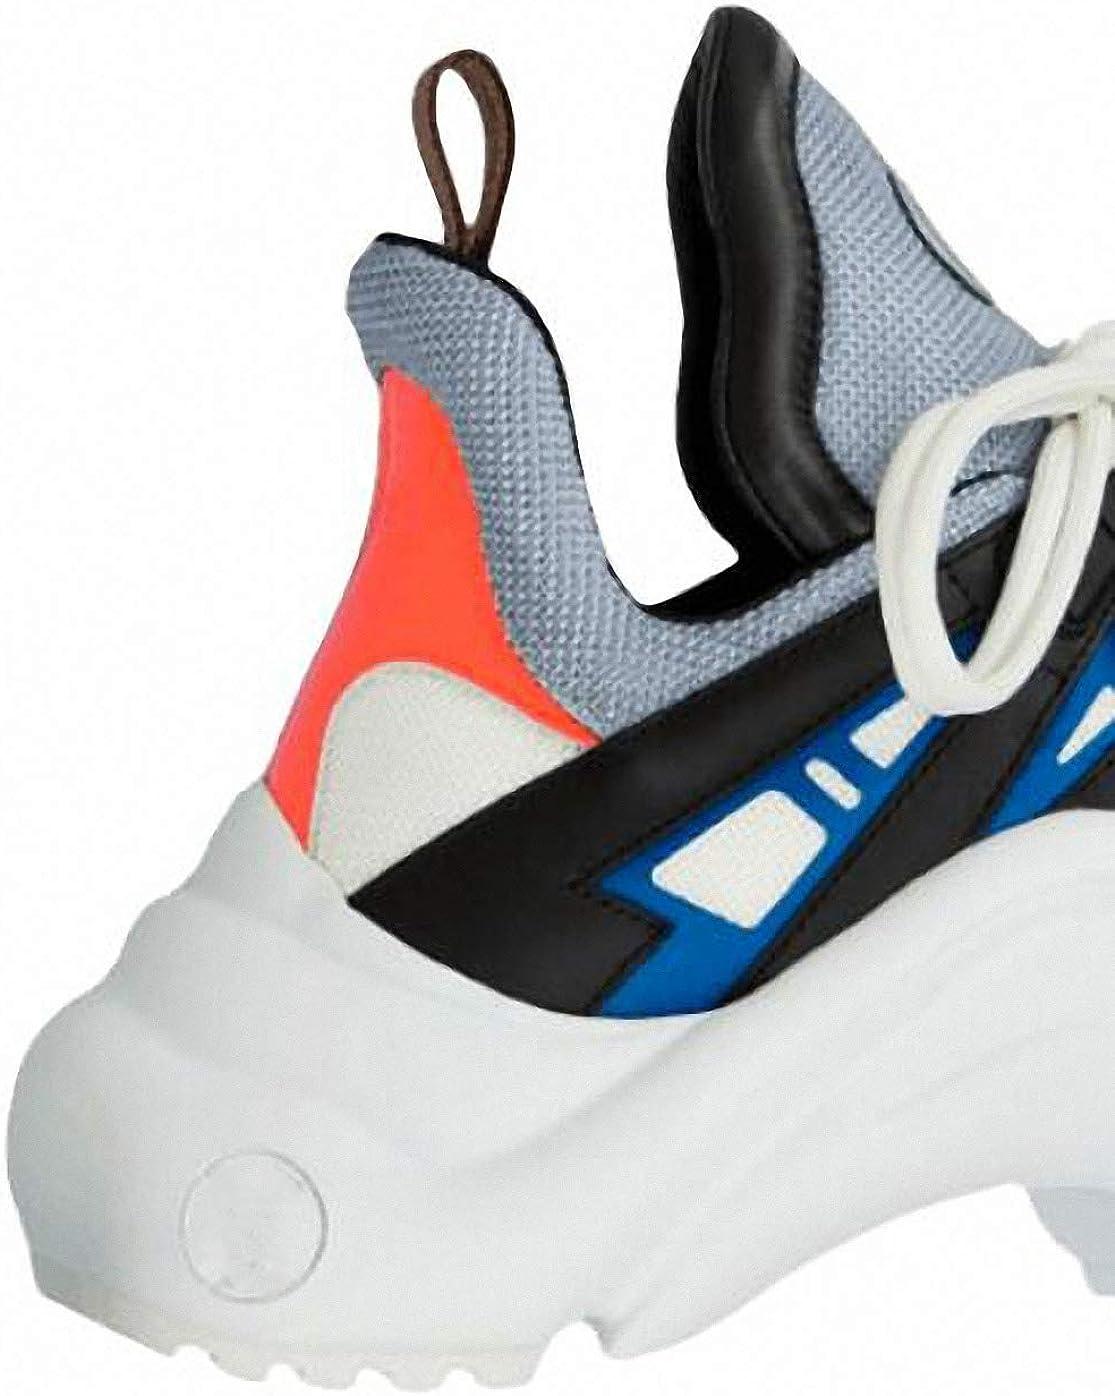 227 Chaussures de Sport Chaussures de Sport Chaussures de Mode Chaussures de Fitness Chaussures de Course Chaussures de Sport Basses Chaussures pour Hommes et Femmes Blue